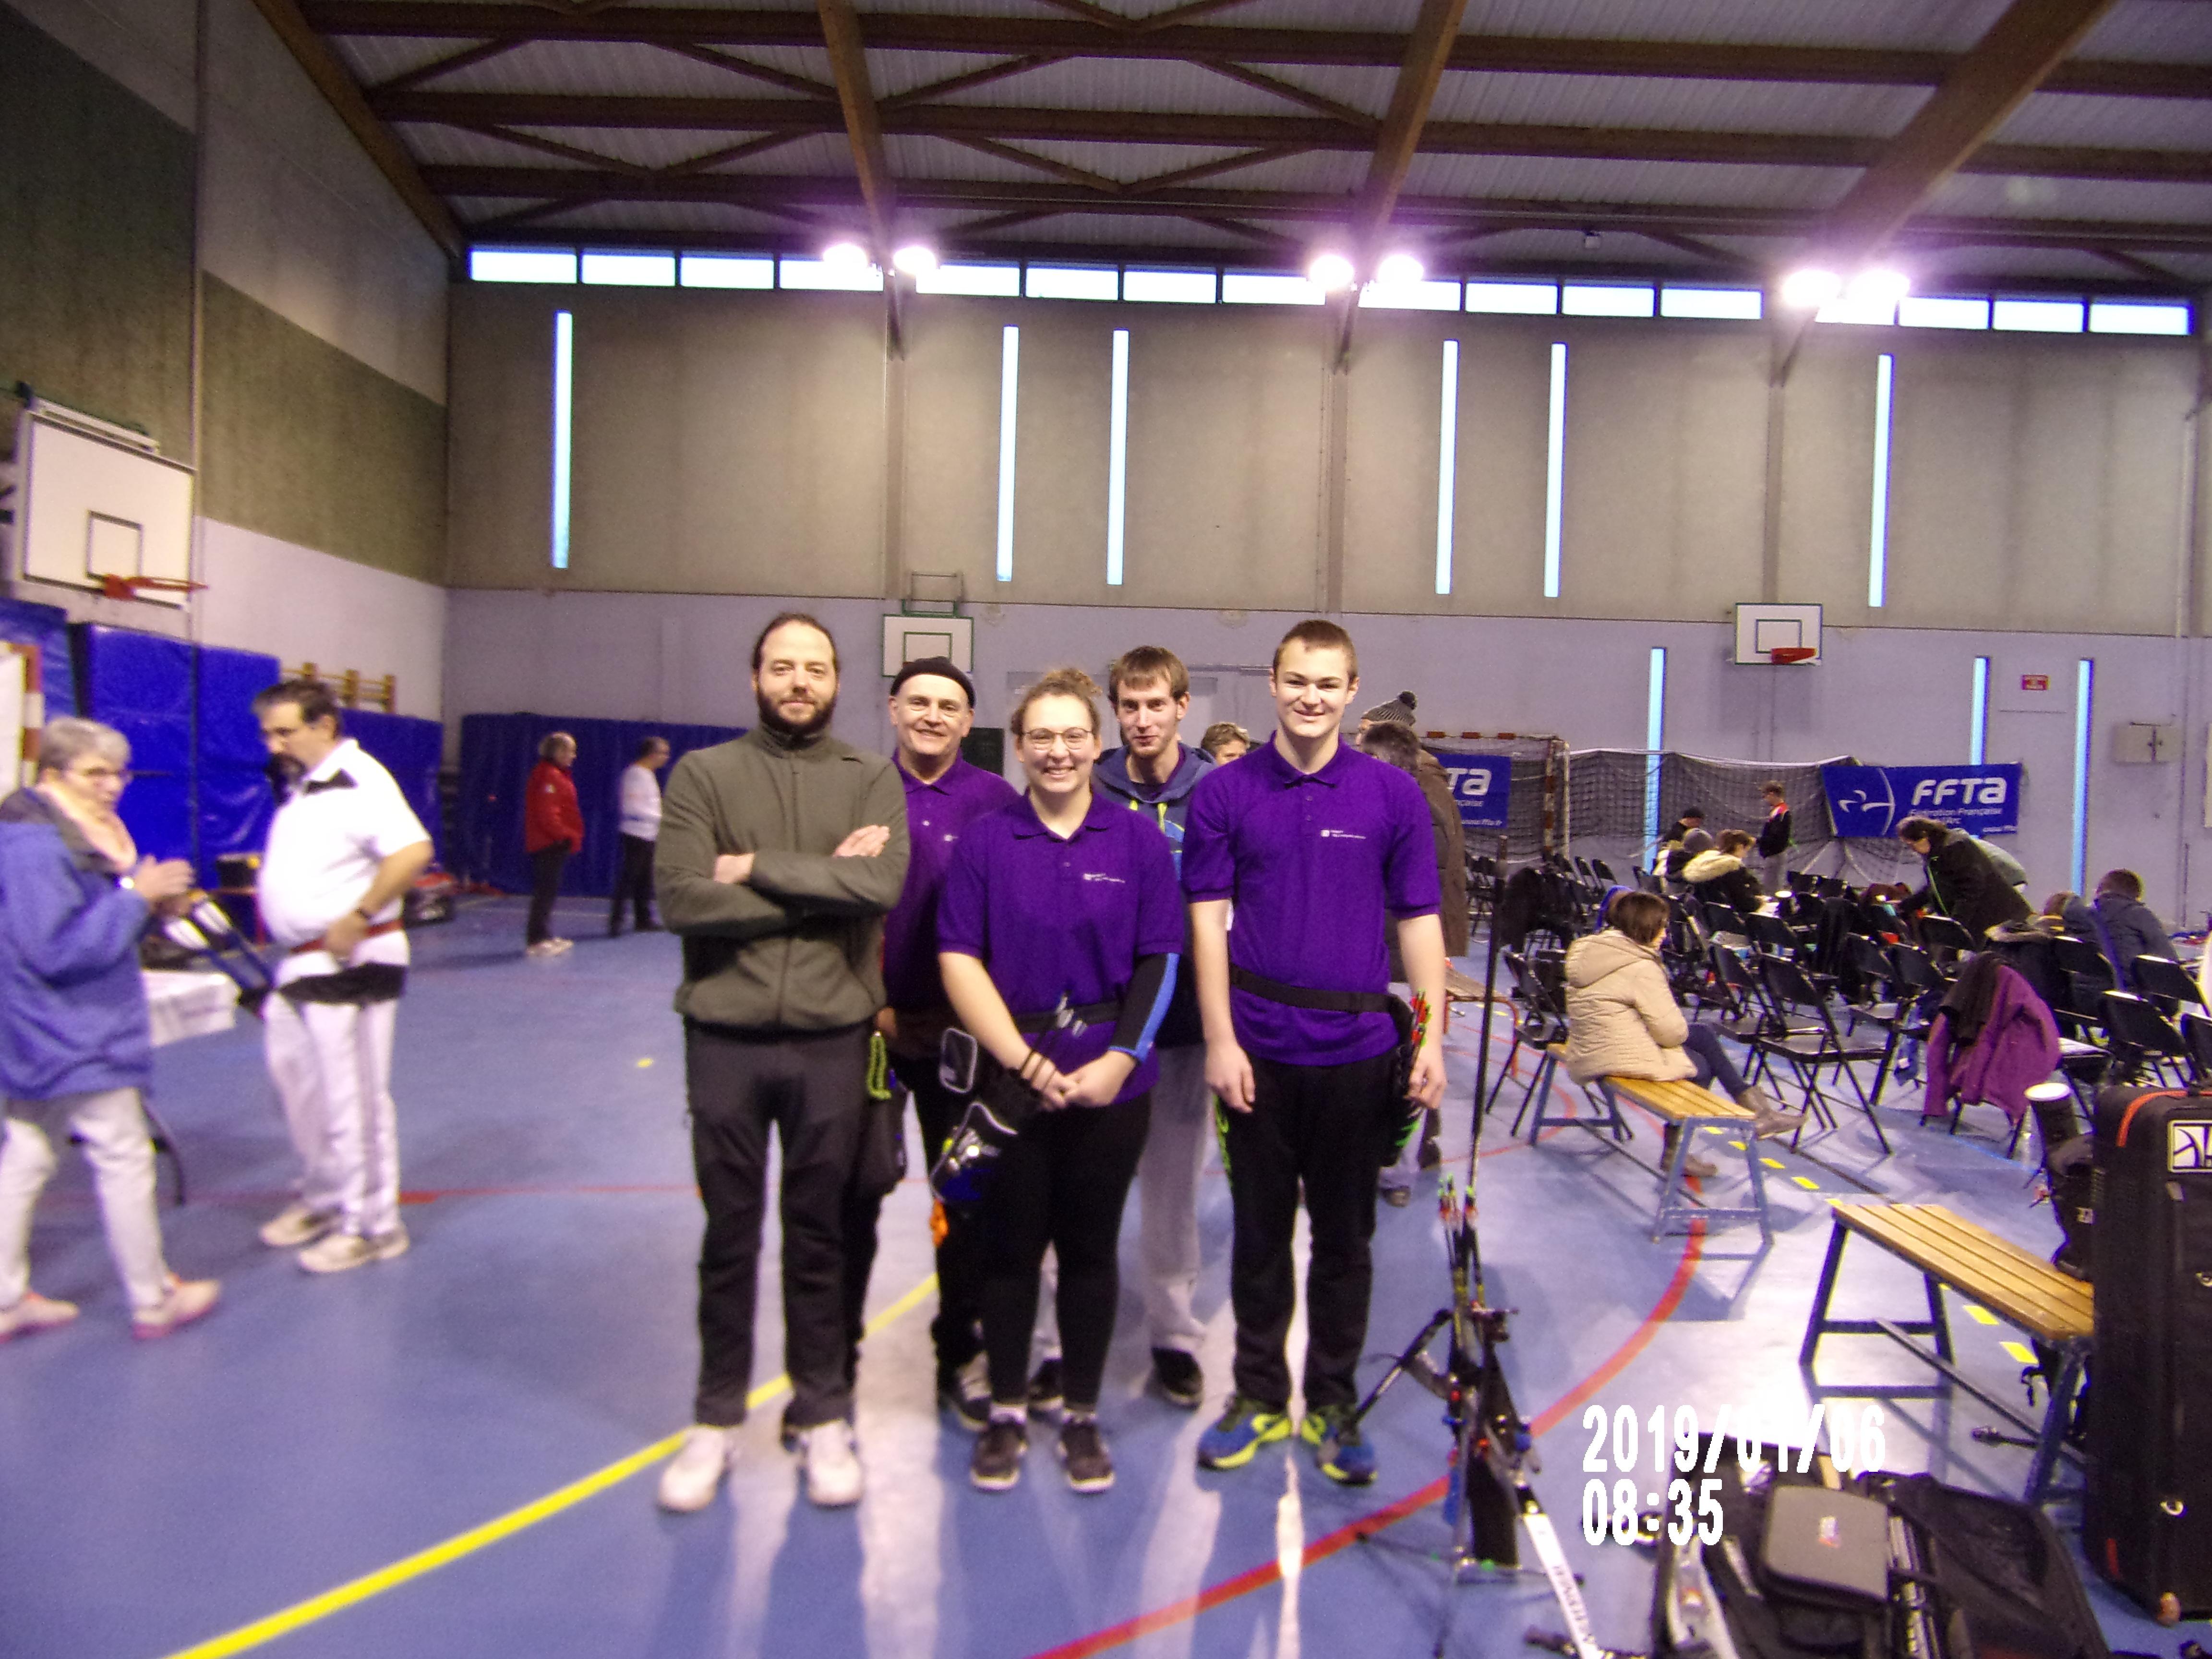 Concours Chalon-sur-saone 2019